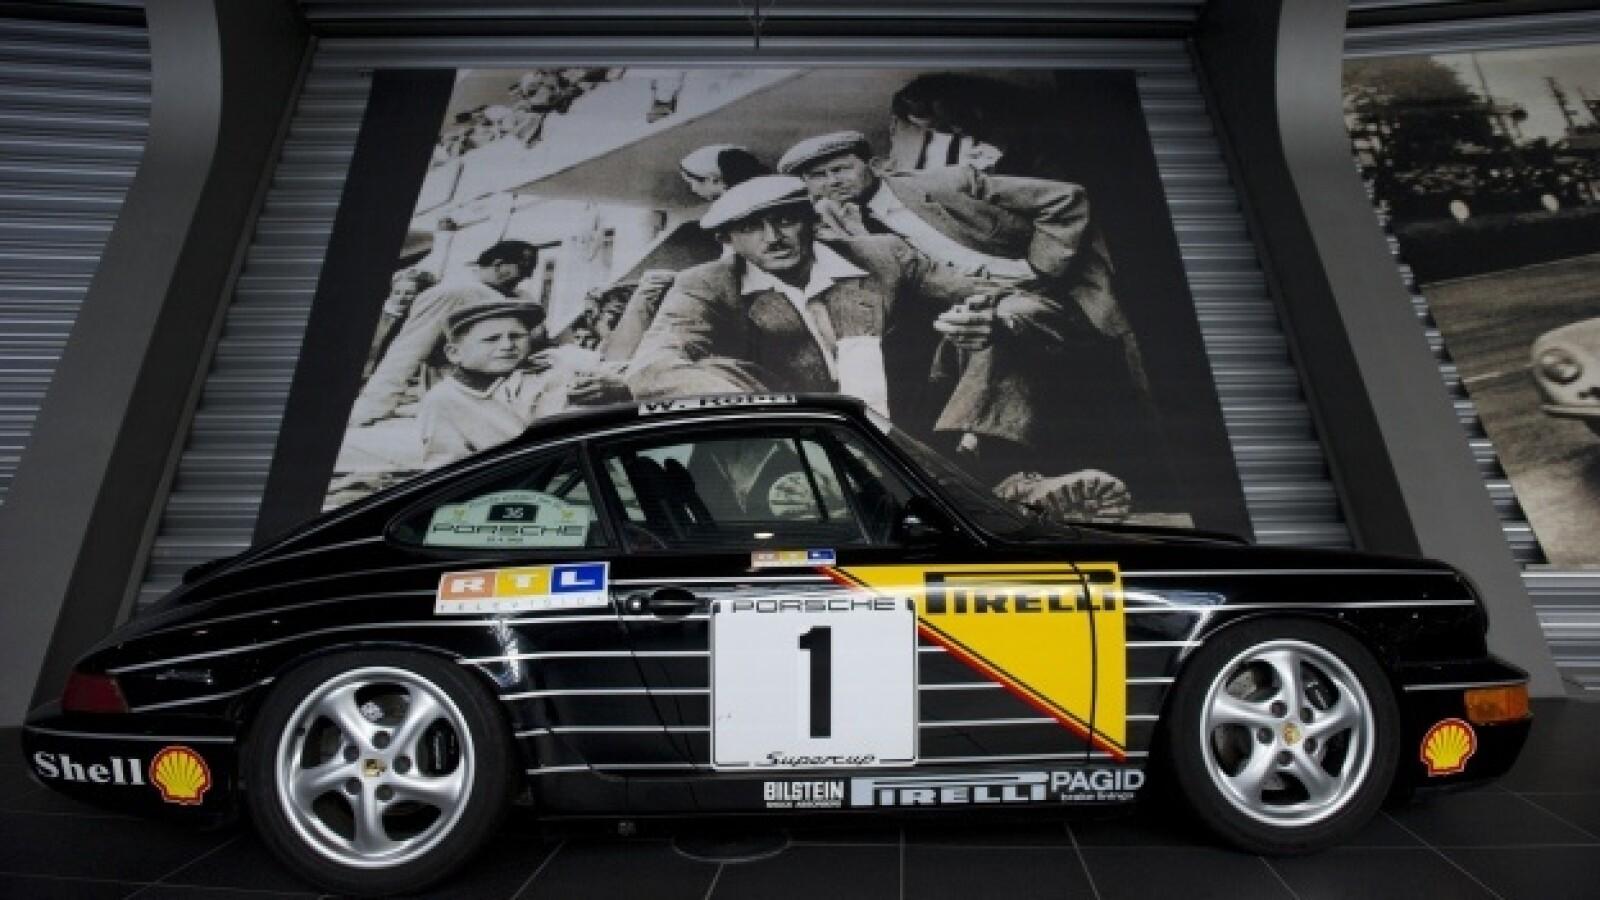 Porsche-3-AFP